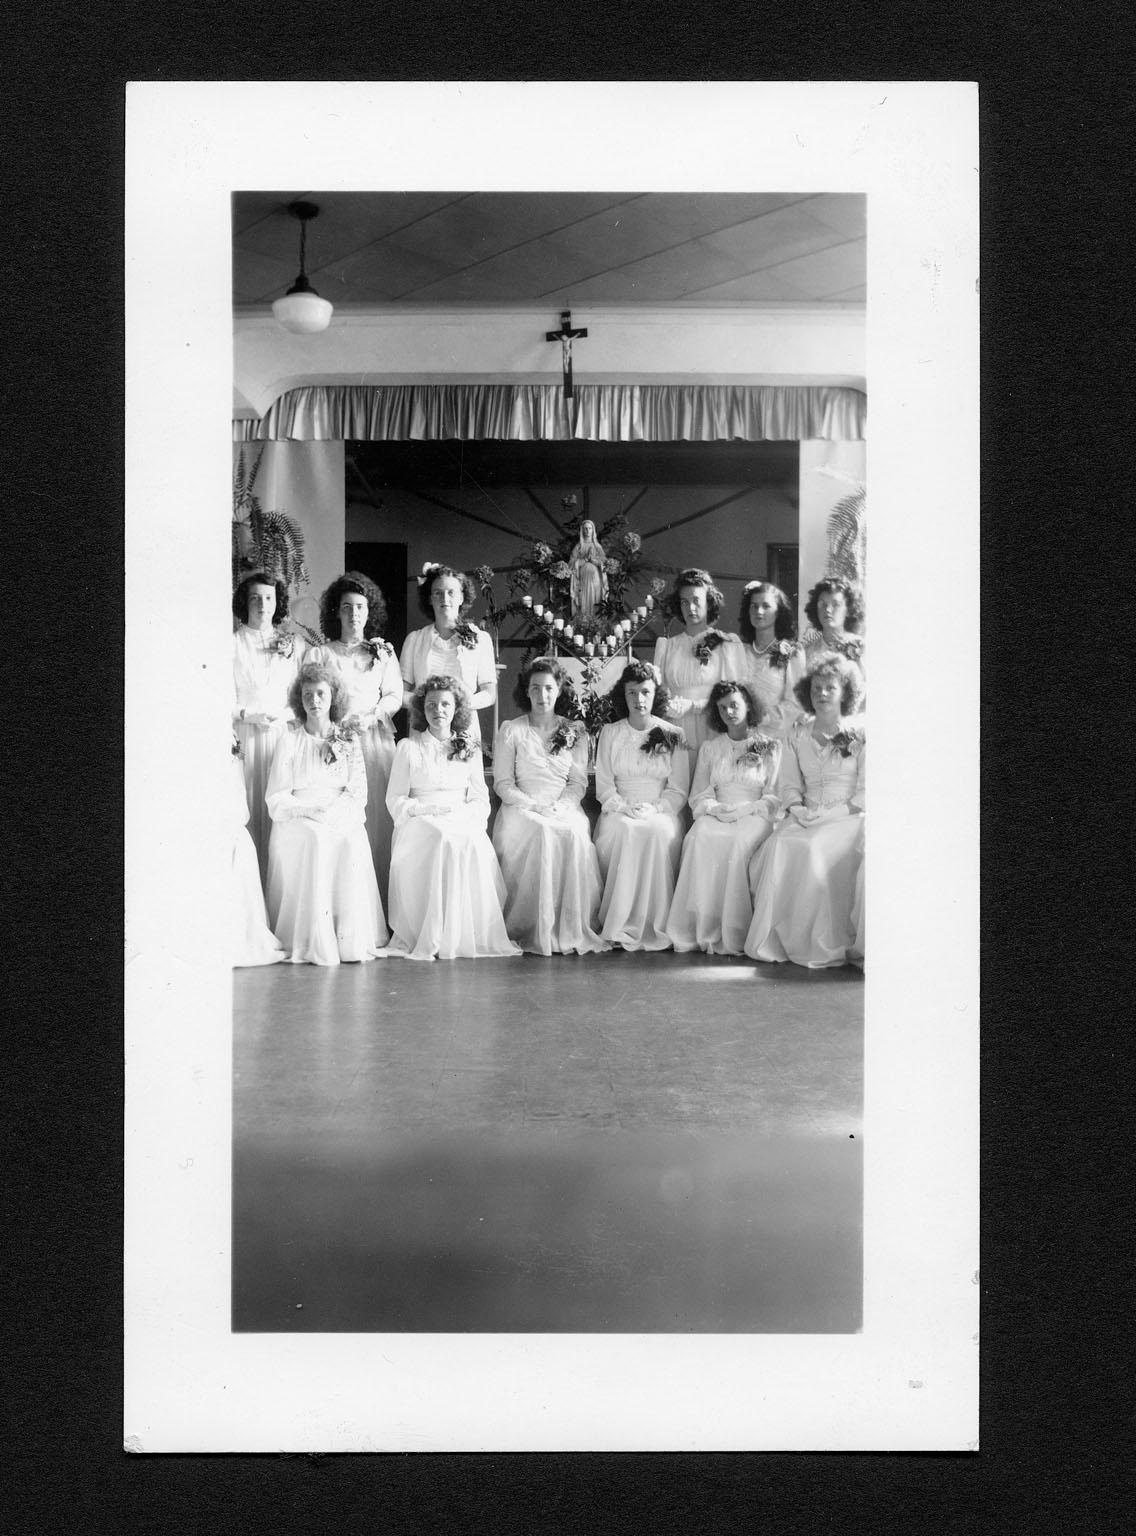 Chapeau, Québec Normal School graduates 1945